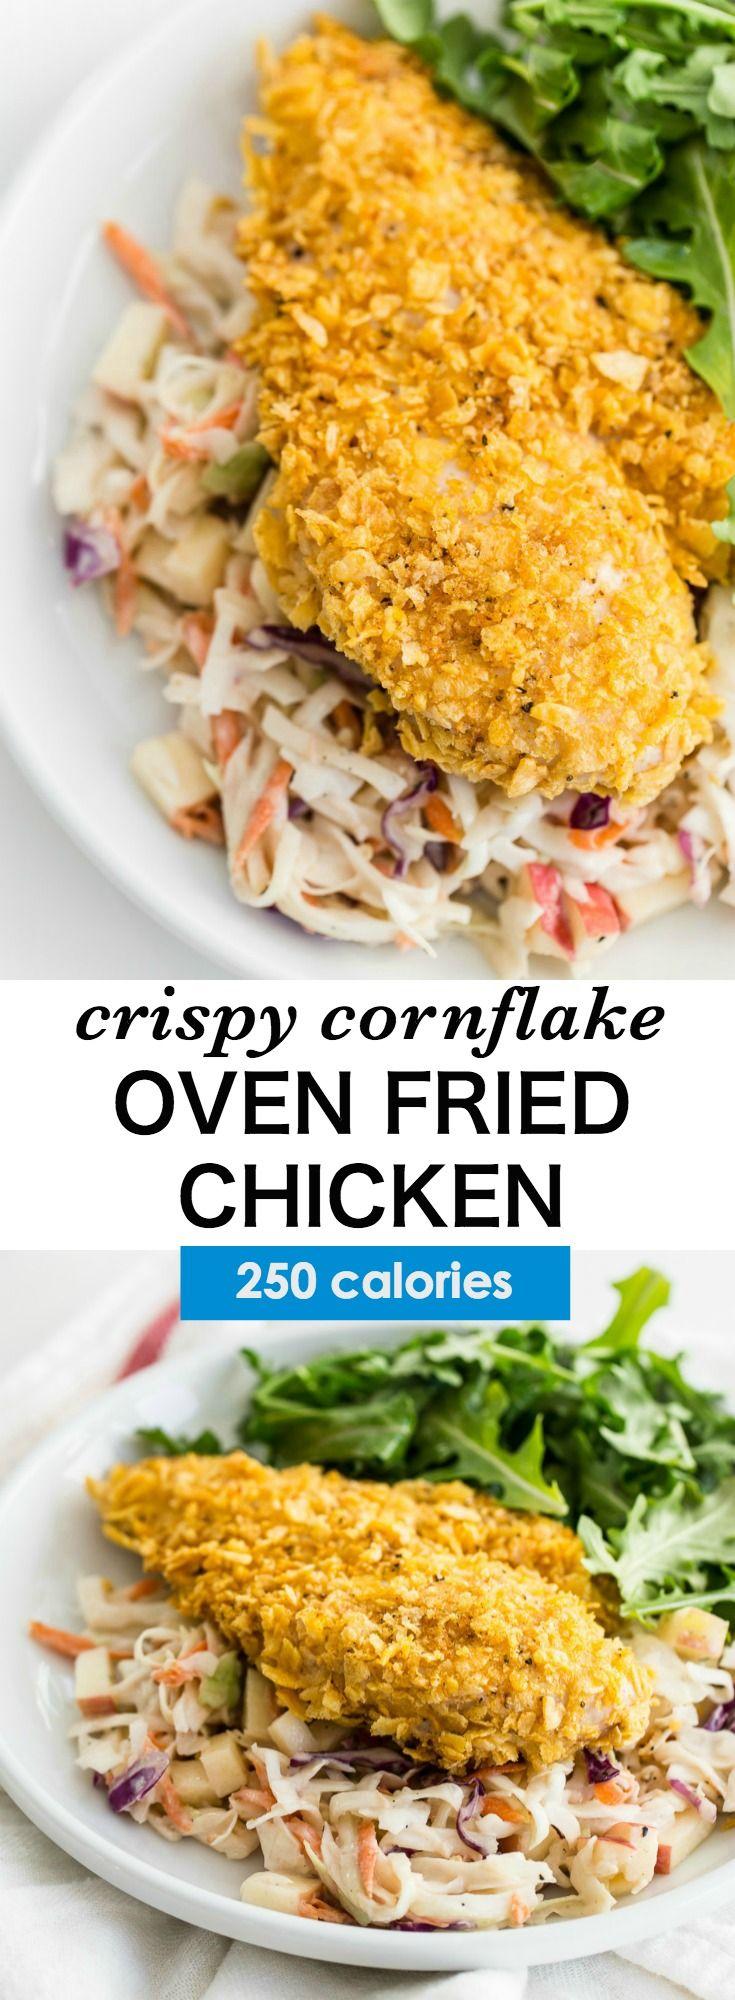 Oven Fried Crispy Cornflake Chicken Recipe — Dishmaps